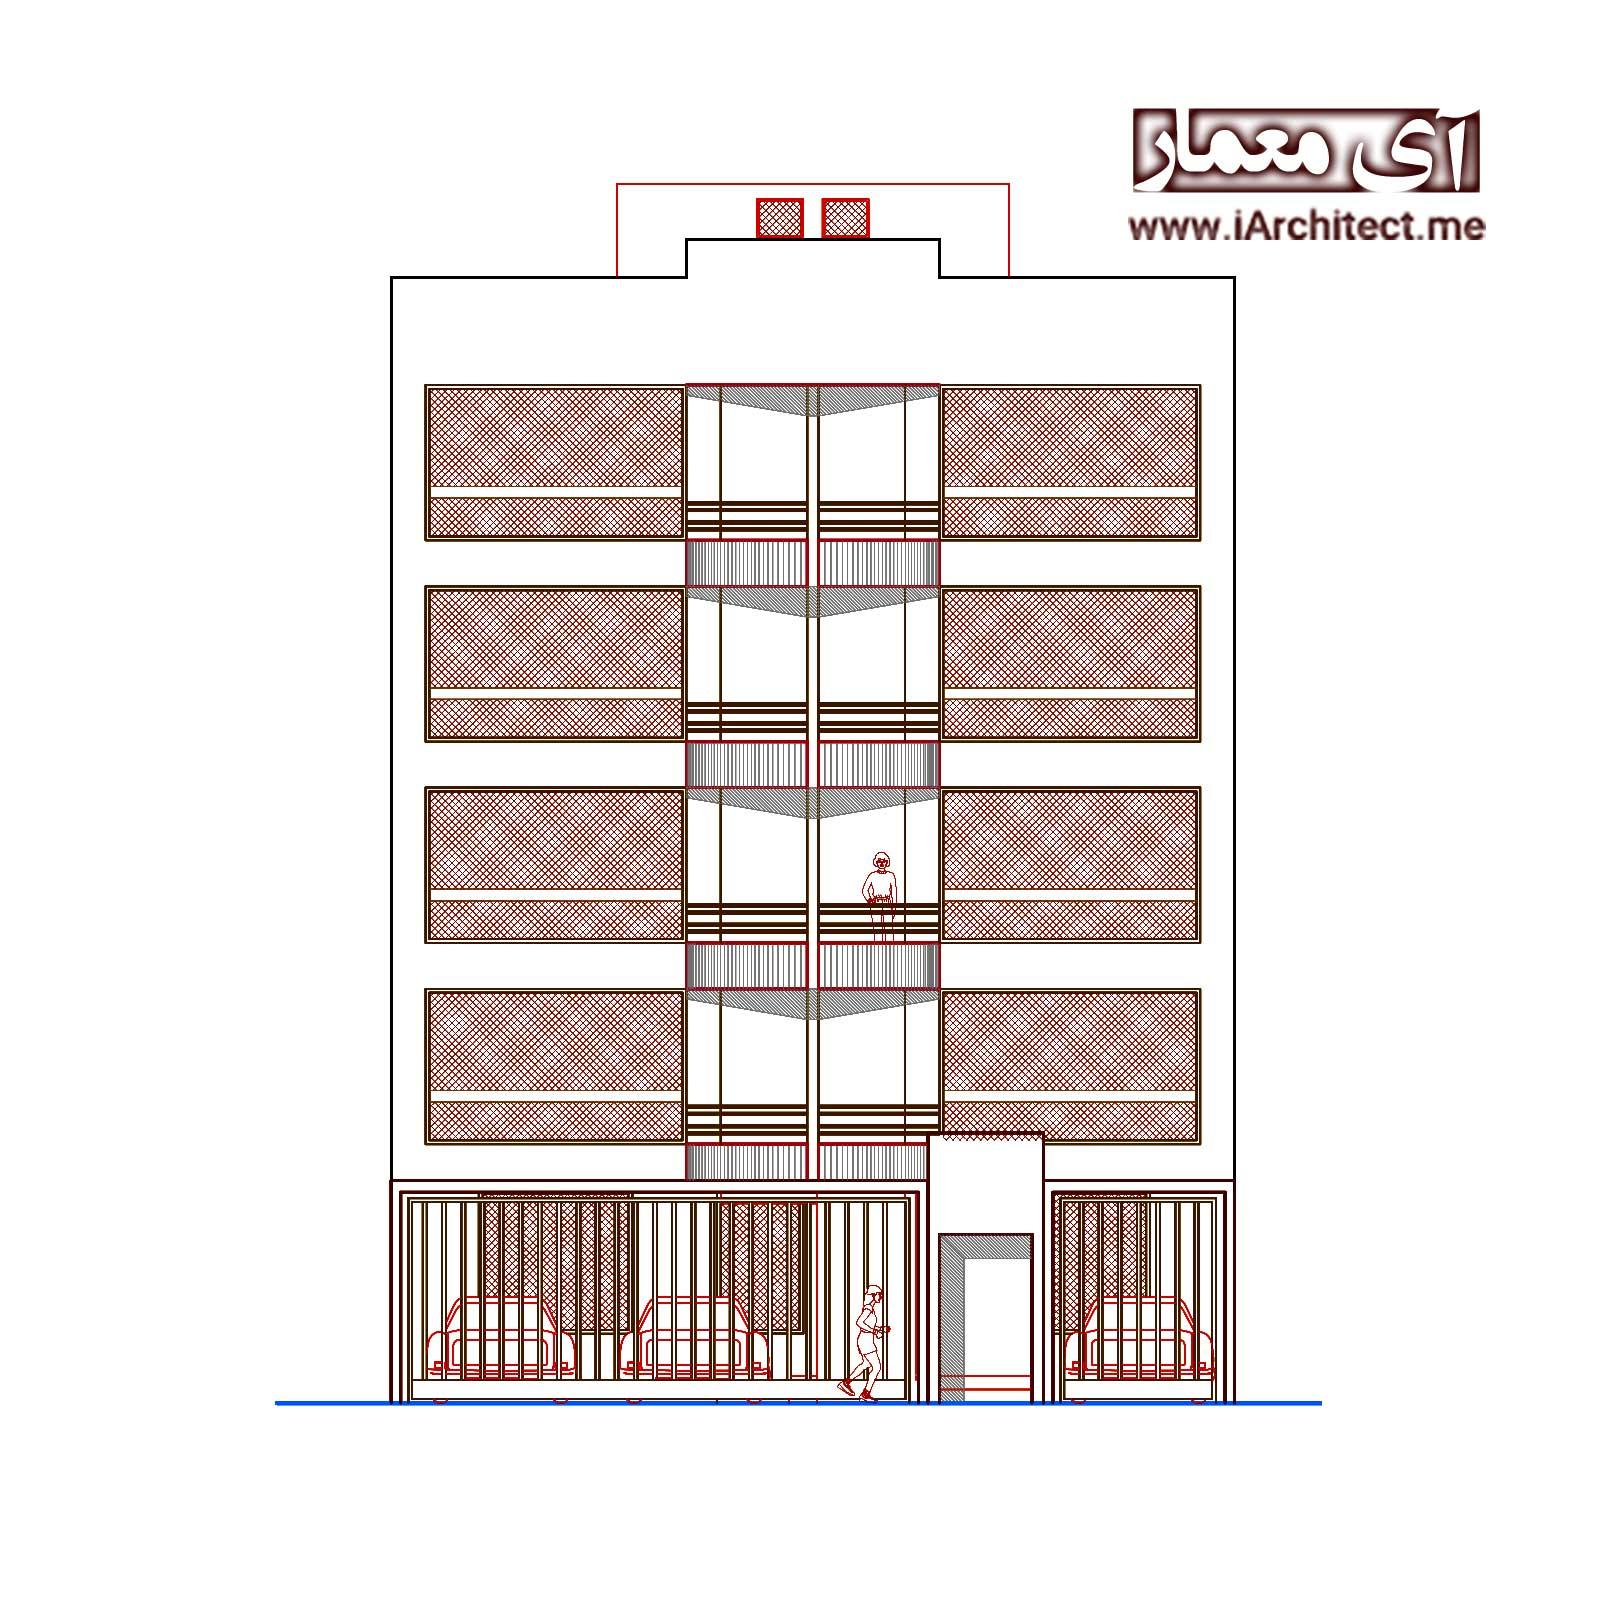 دانلود پلان آپارتمان مسکونی 5 طبقه